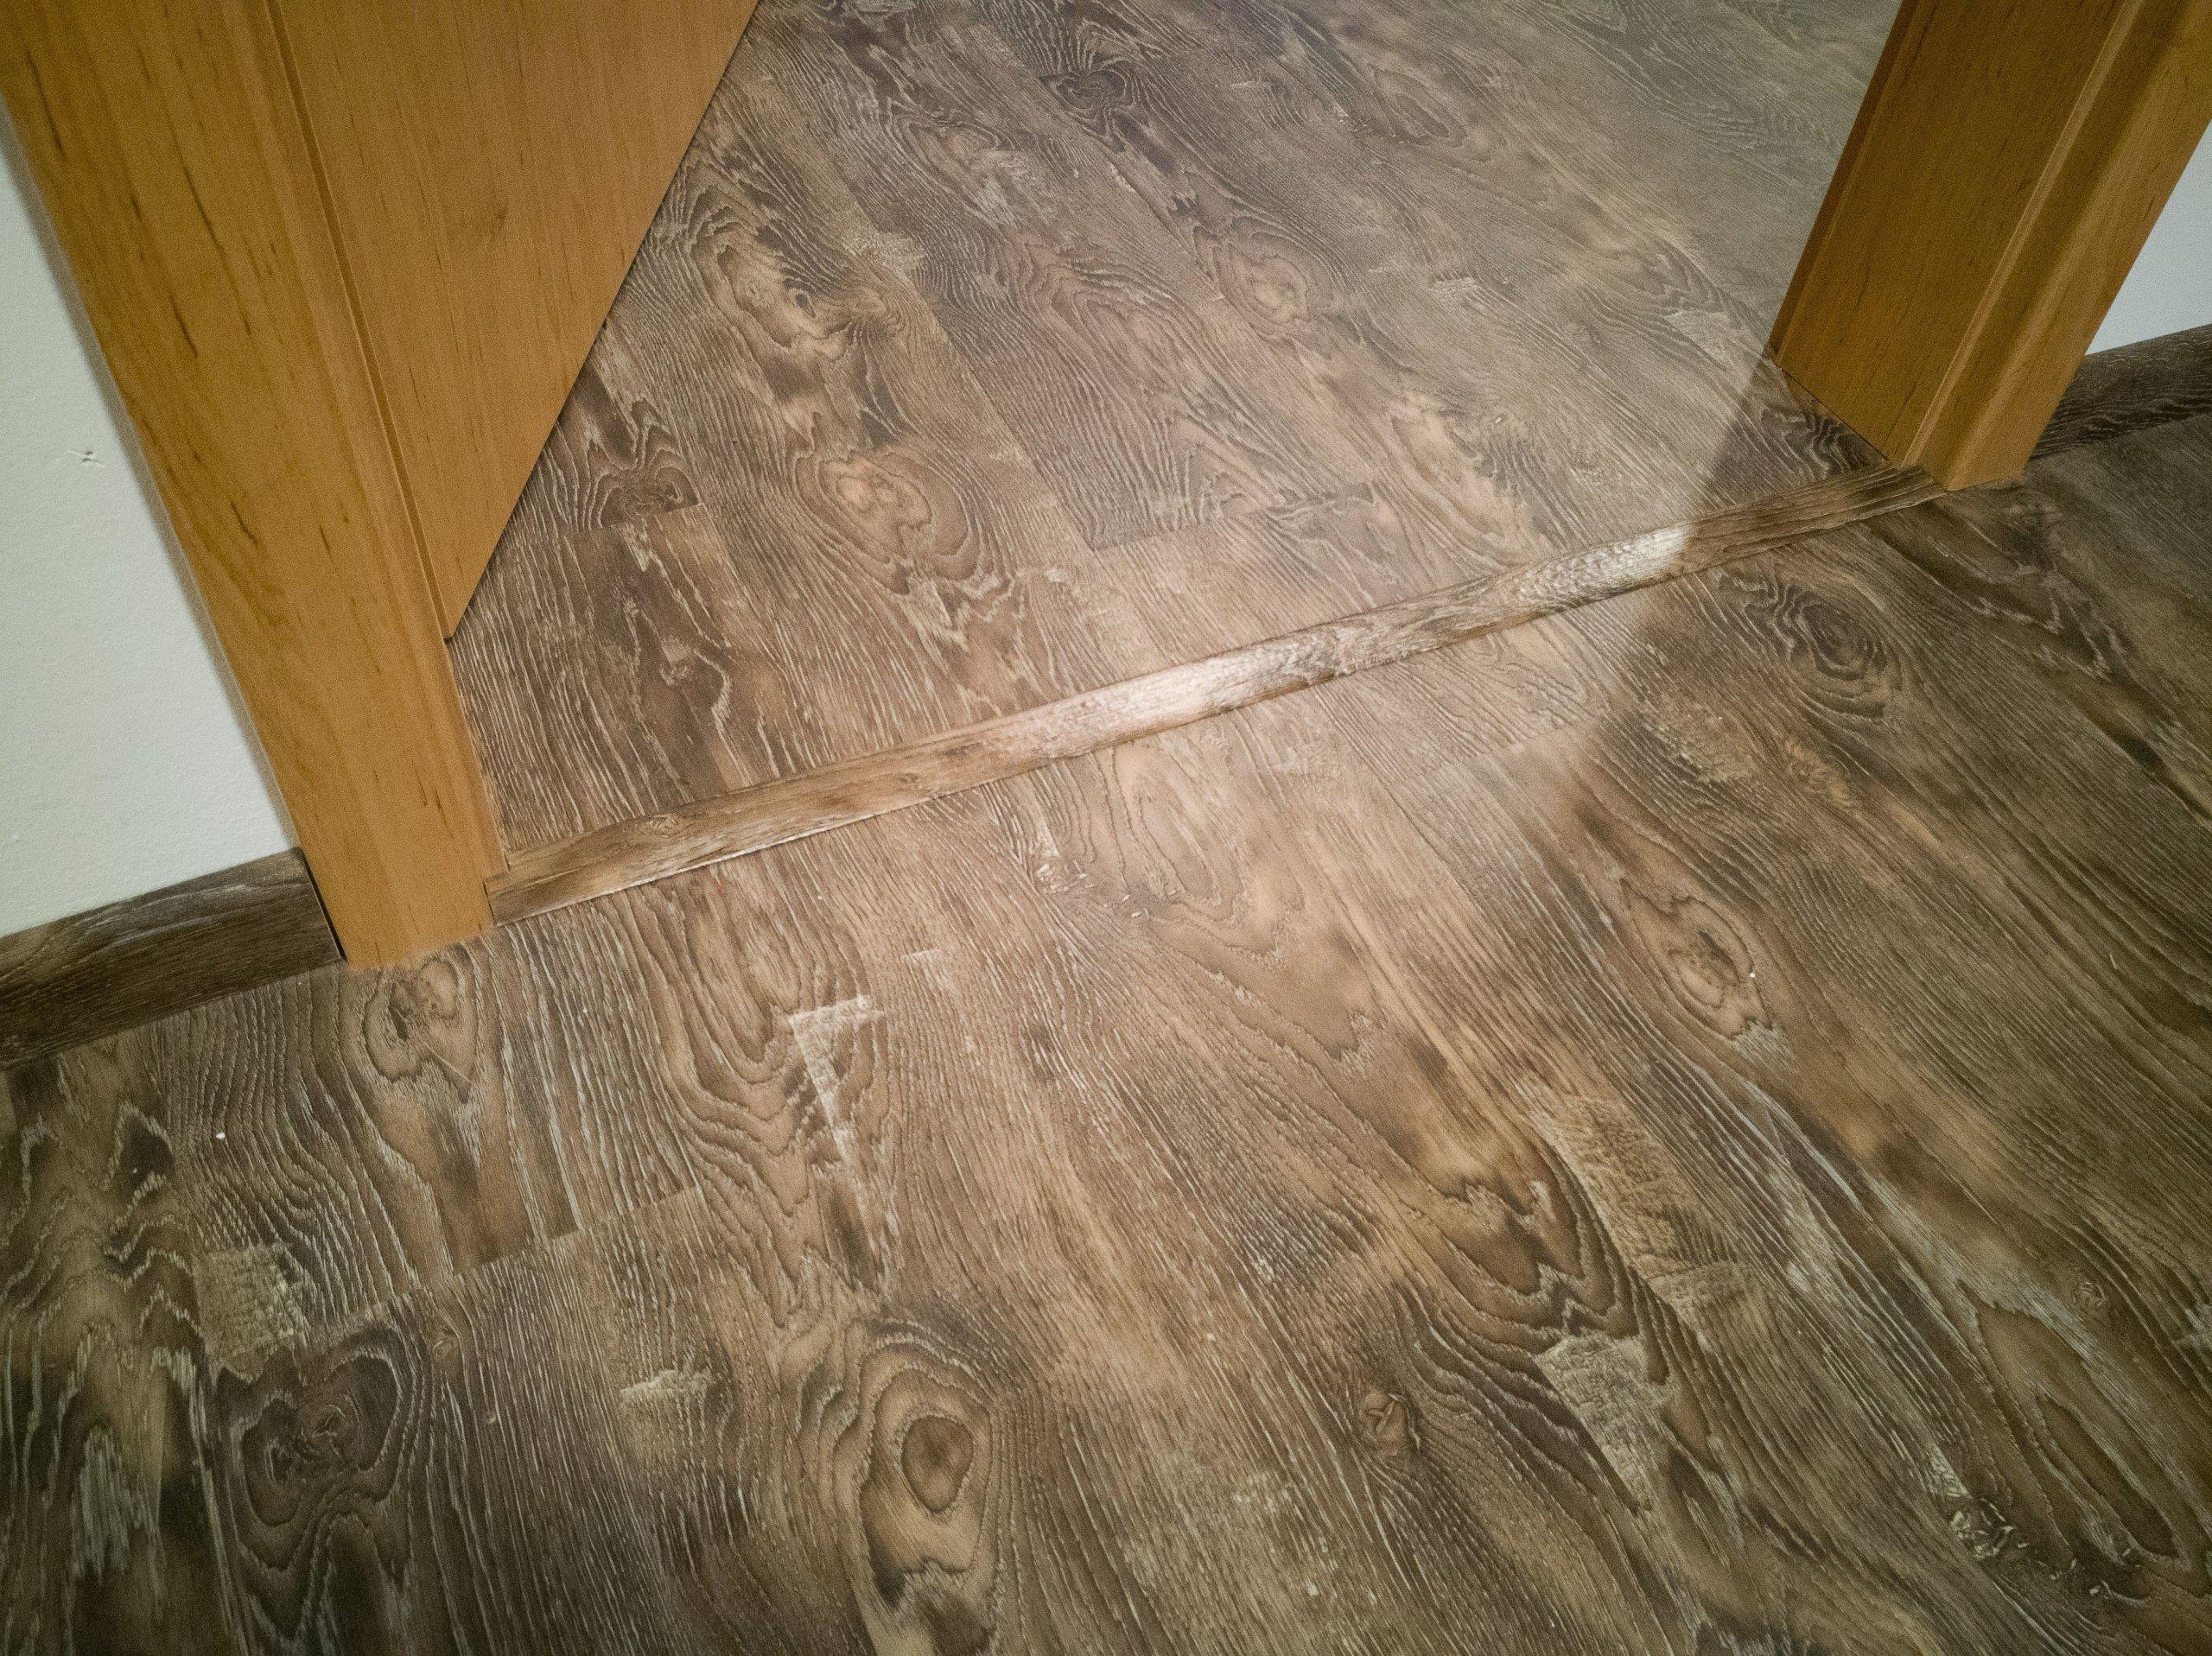 Když už někde přechodová lišta musí být, je ve stejném dekoru jako podlaha. Na detailu prostě záleží...